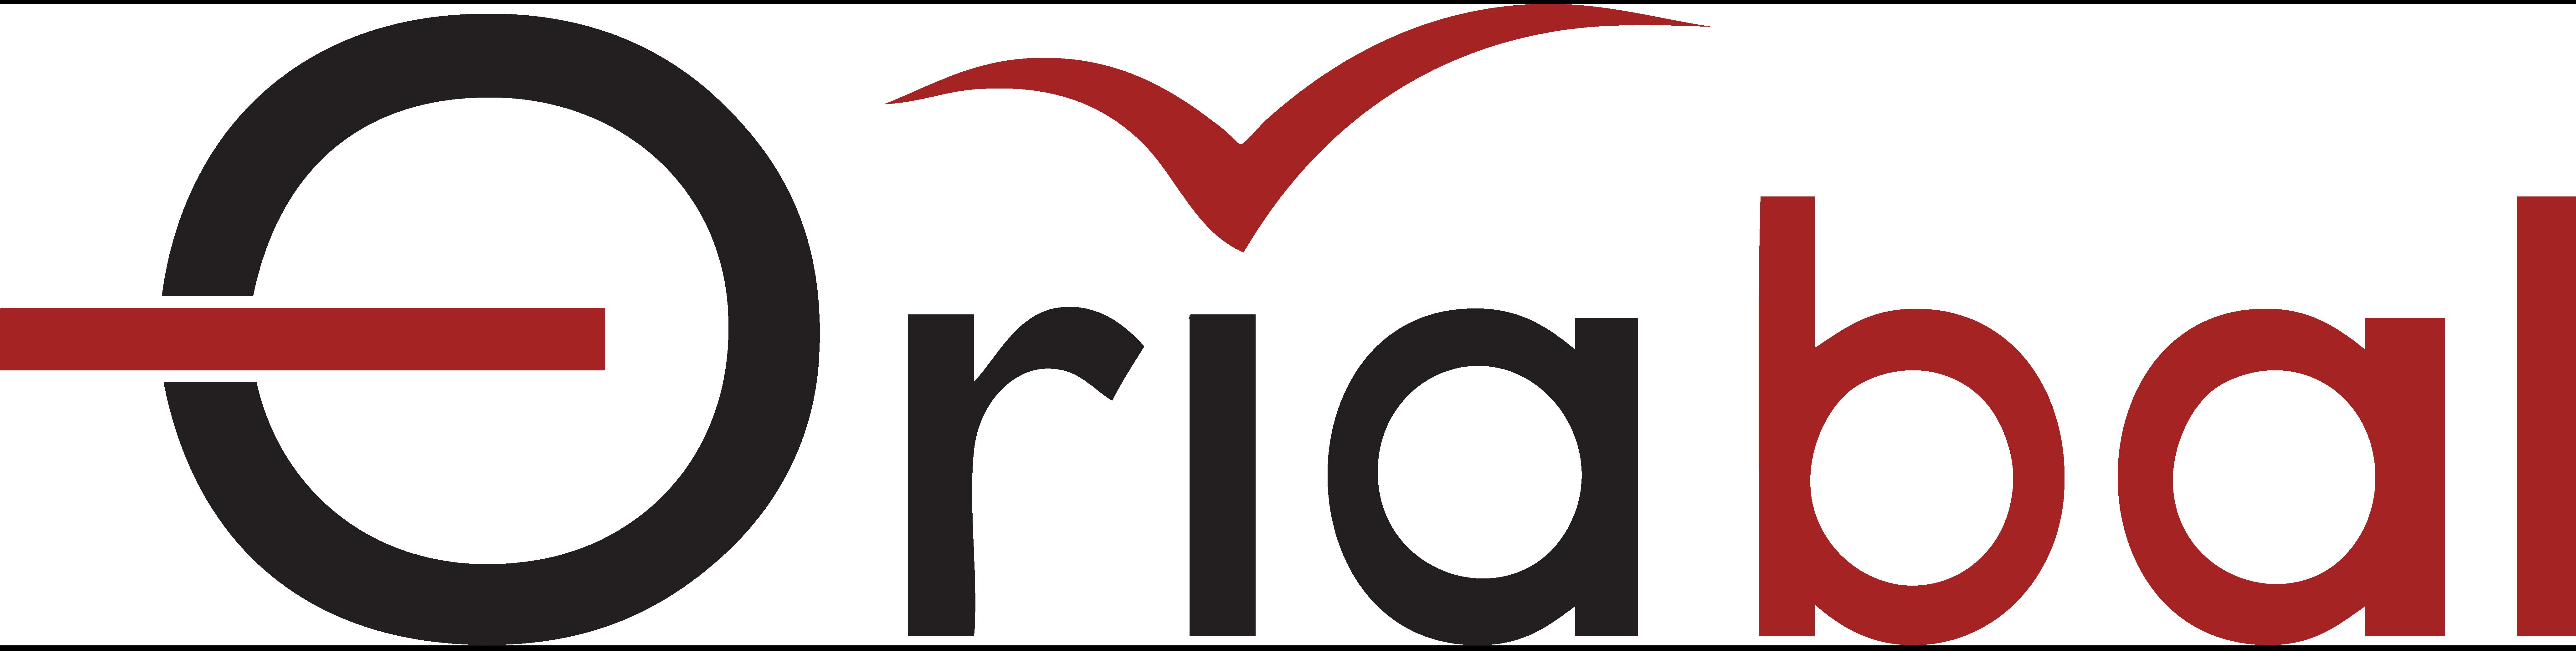 Oriabal | Produits en aluminium pour l'aménagement de l'habitat